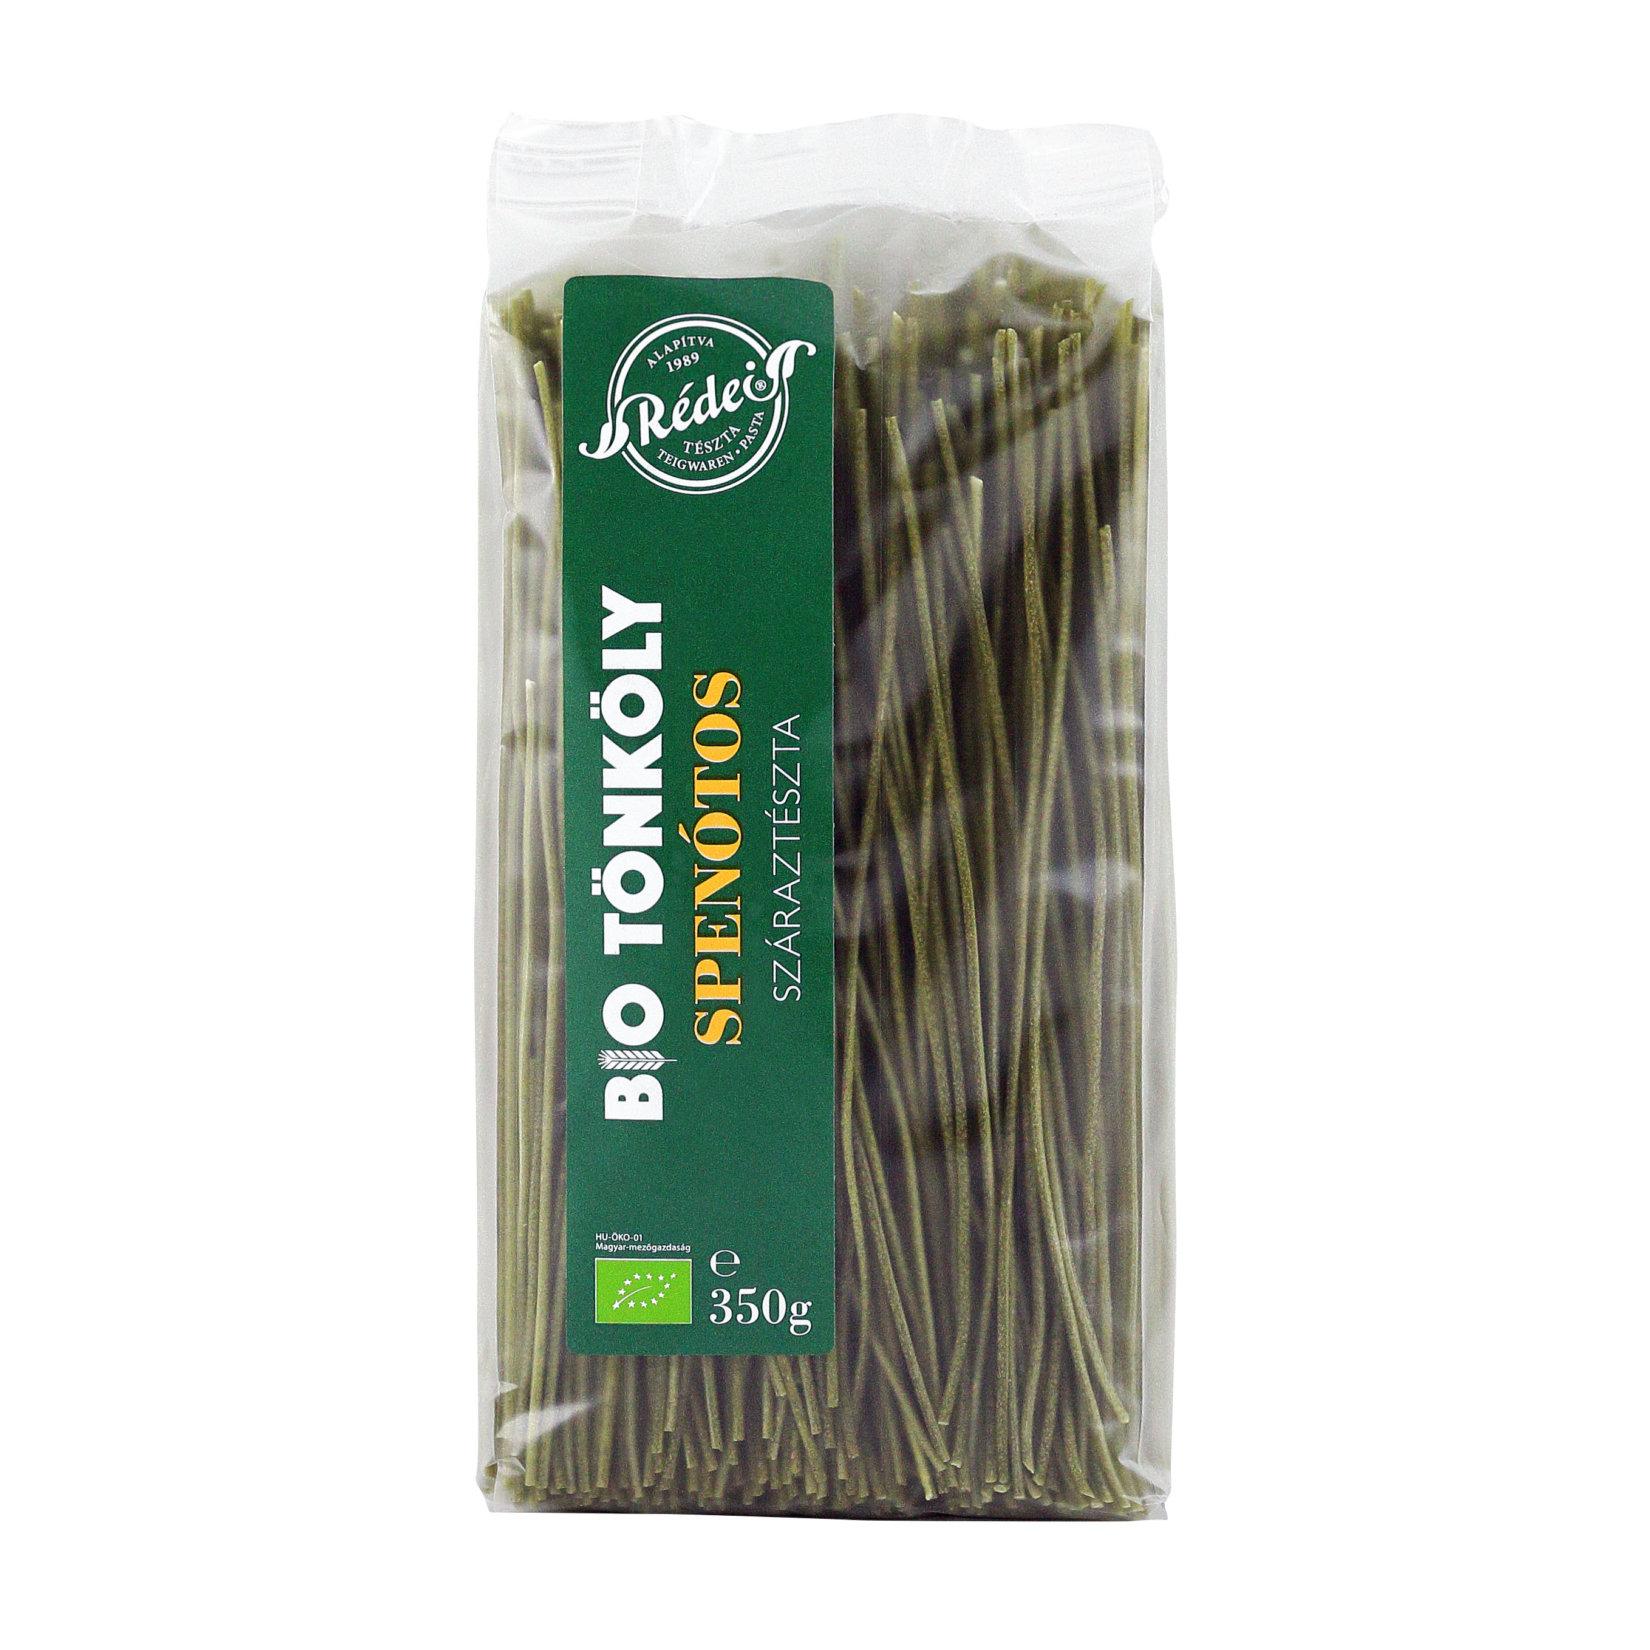 BioTonkoly_Spenotos spagetti_350g_IMG_7012